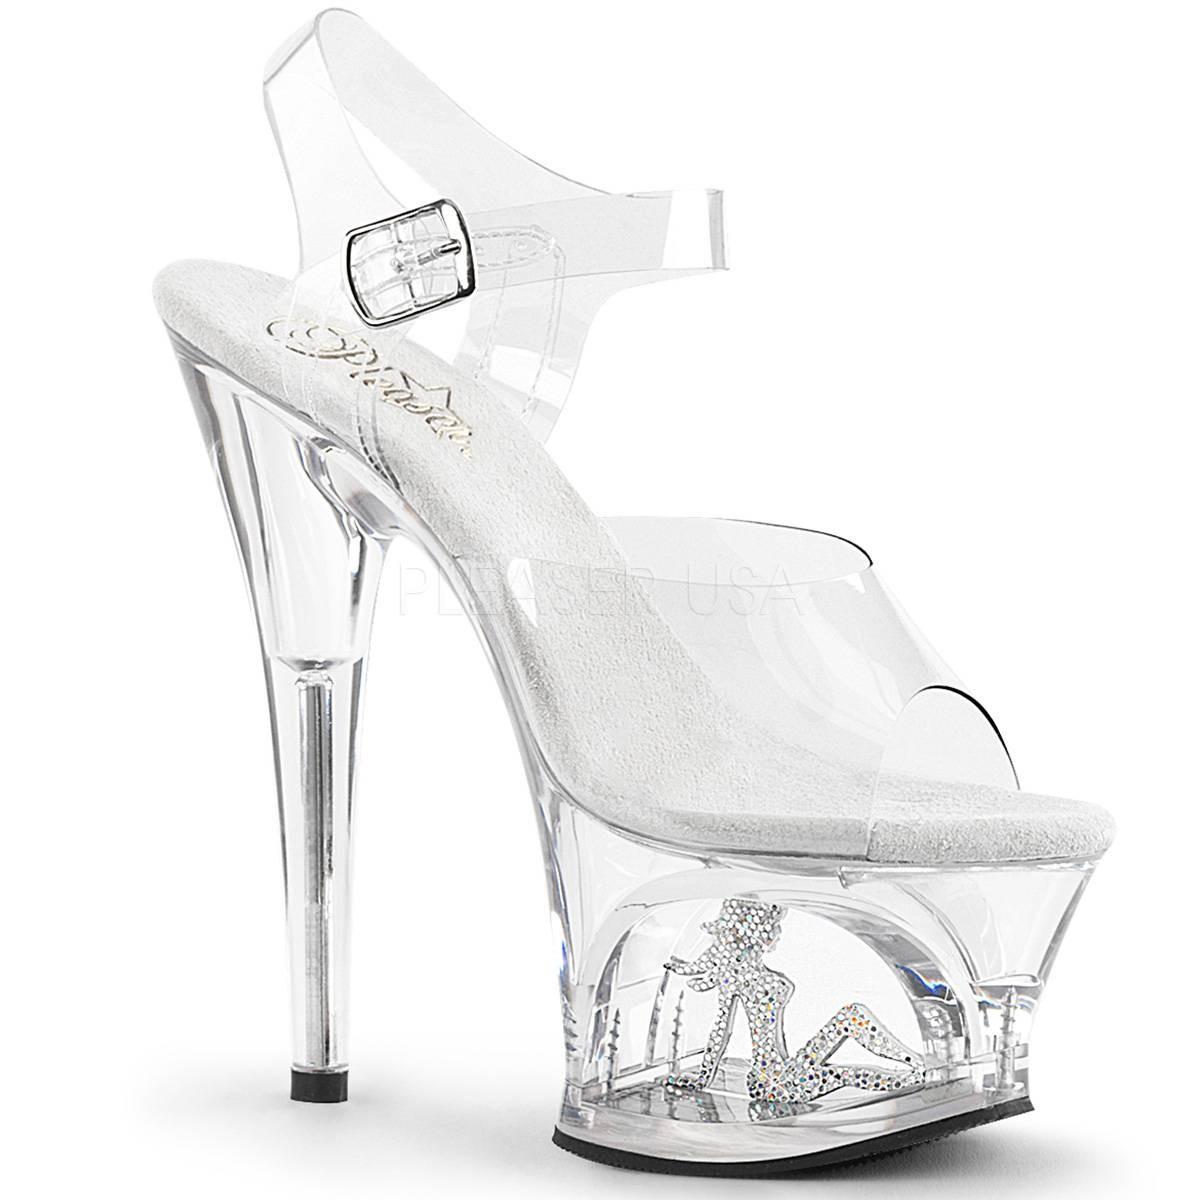 Highheels für Frauen - MOON 708TG ° Damen Sandalette ° TransparentMatt ° Pleaser  - Onlineshop RedSixty